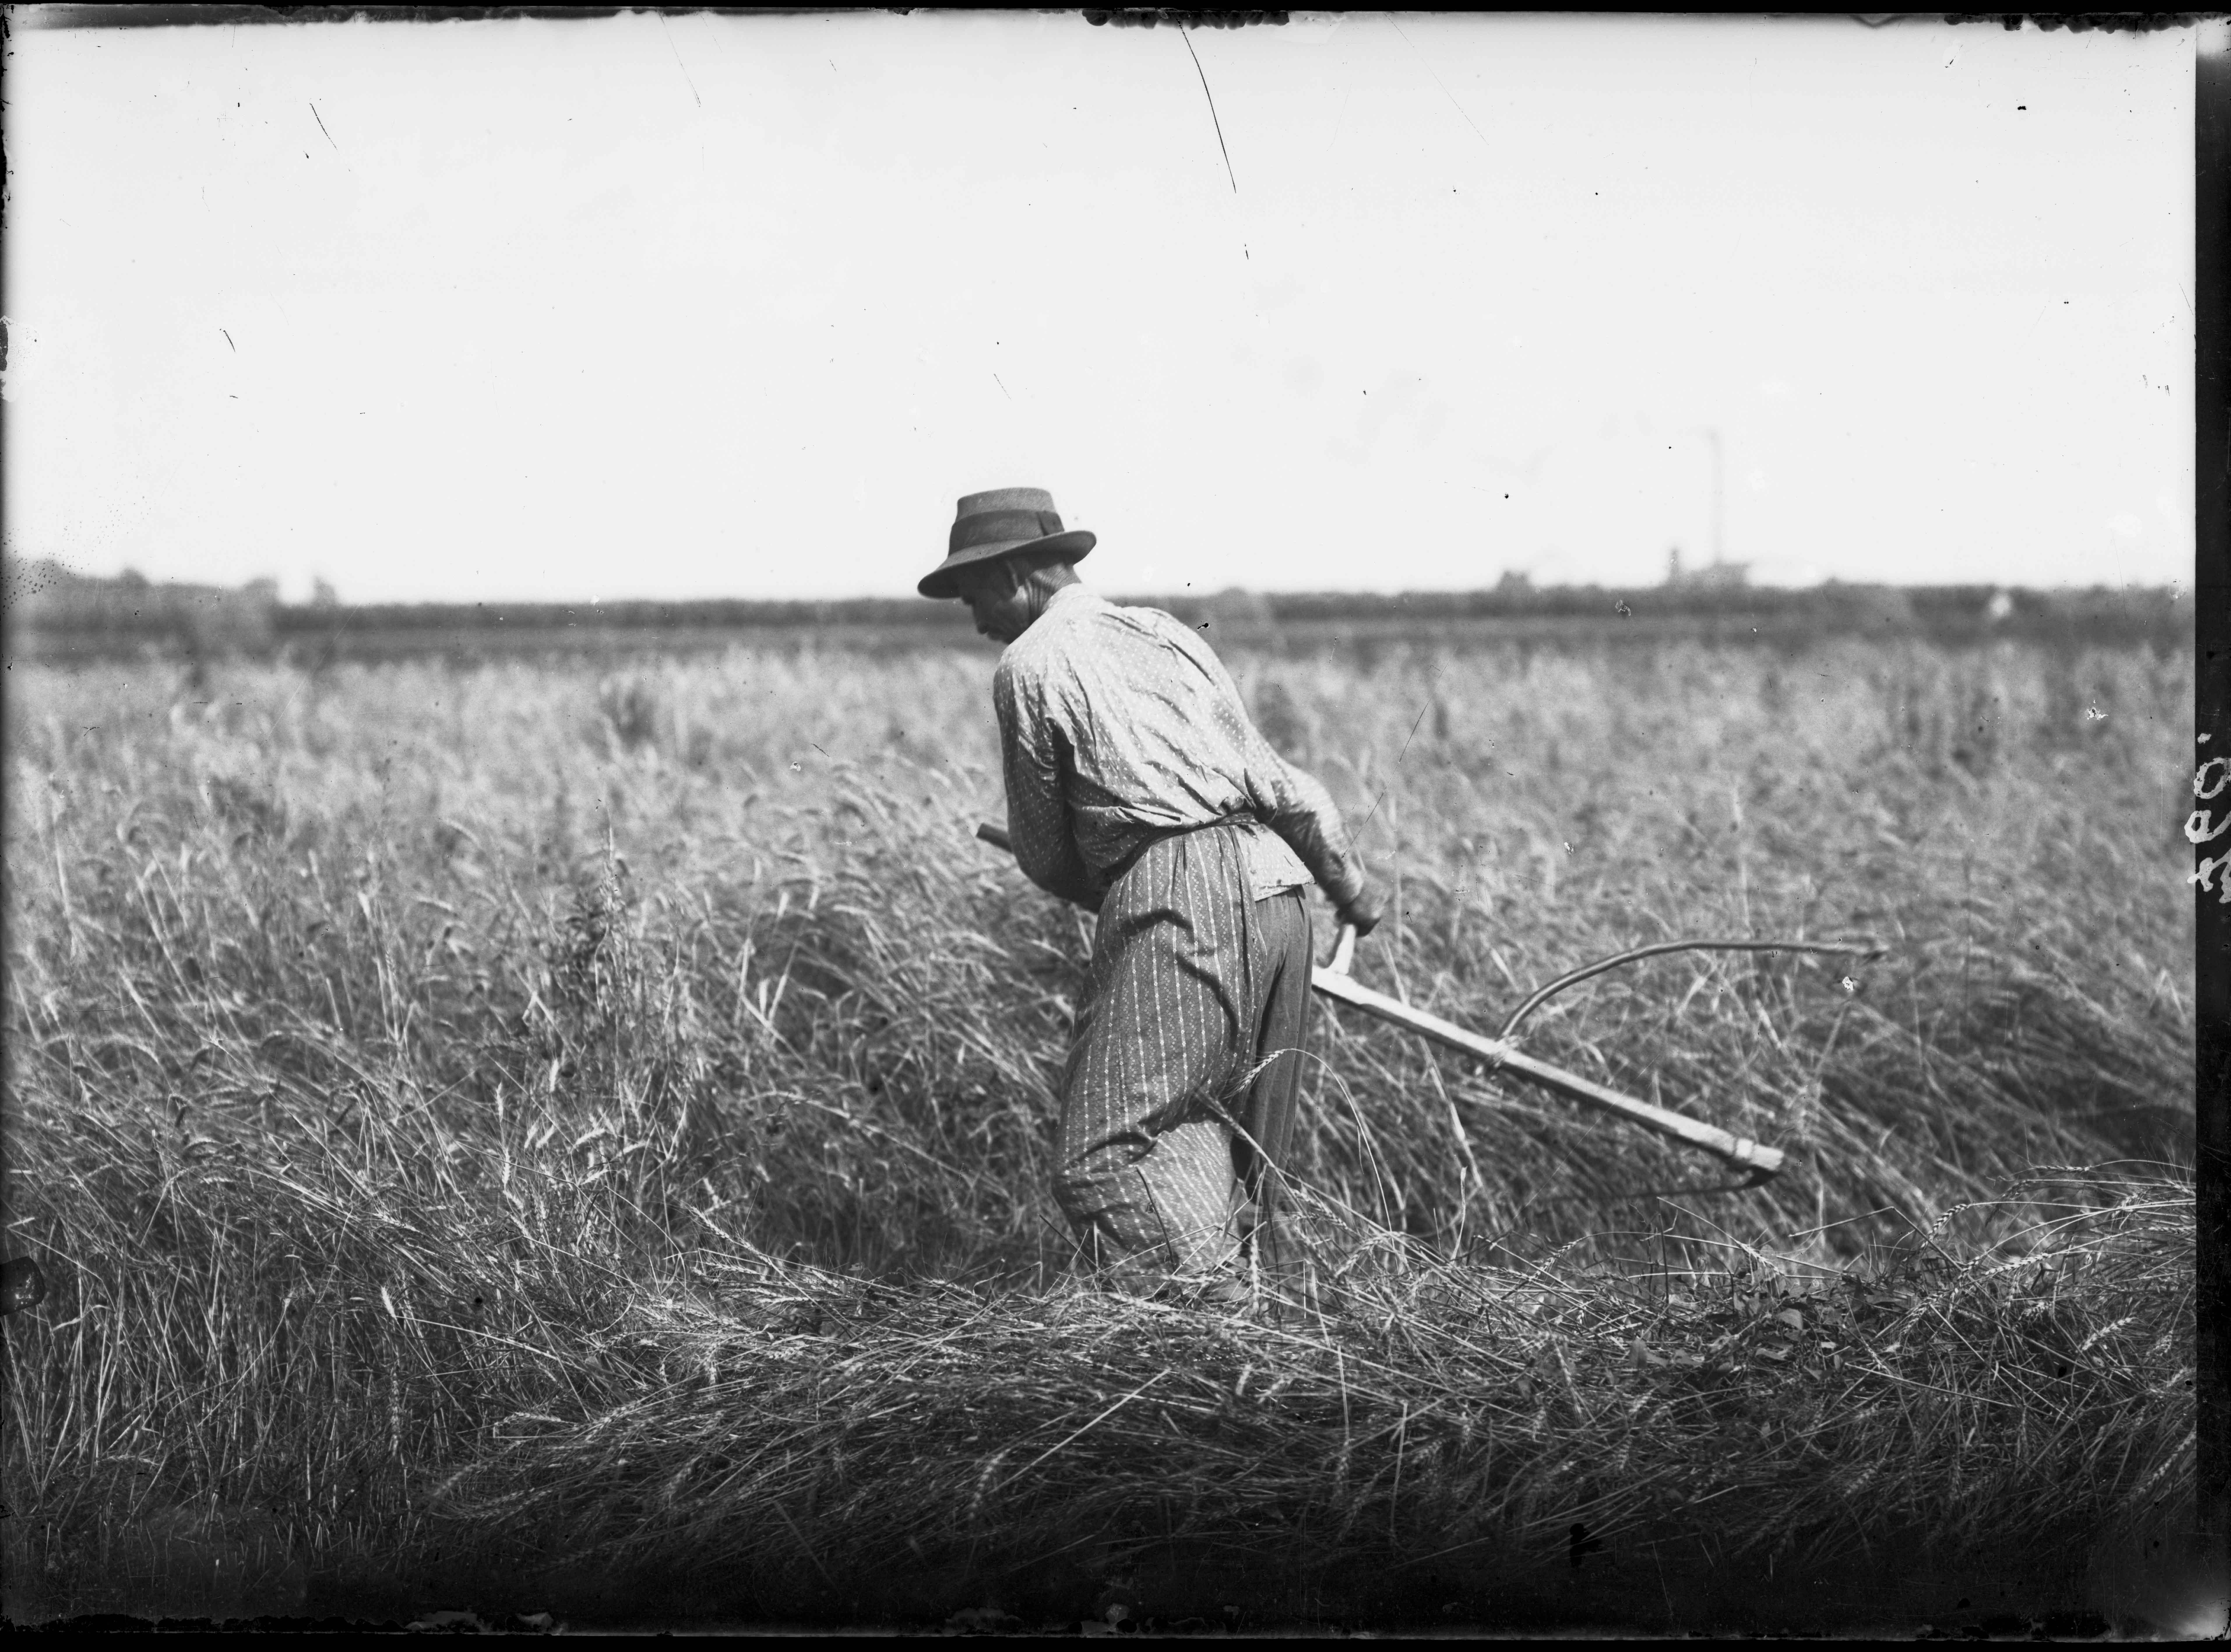 Fotó: Plohn József: Aratás kaszával. © Tornyai János Múzeum gyűjteménye, Hódmezővásárhely